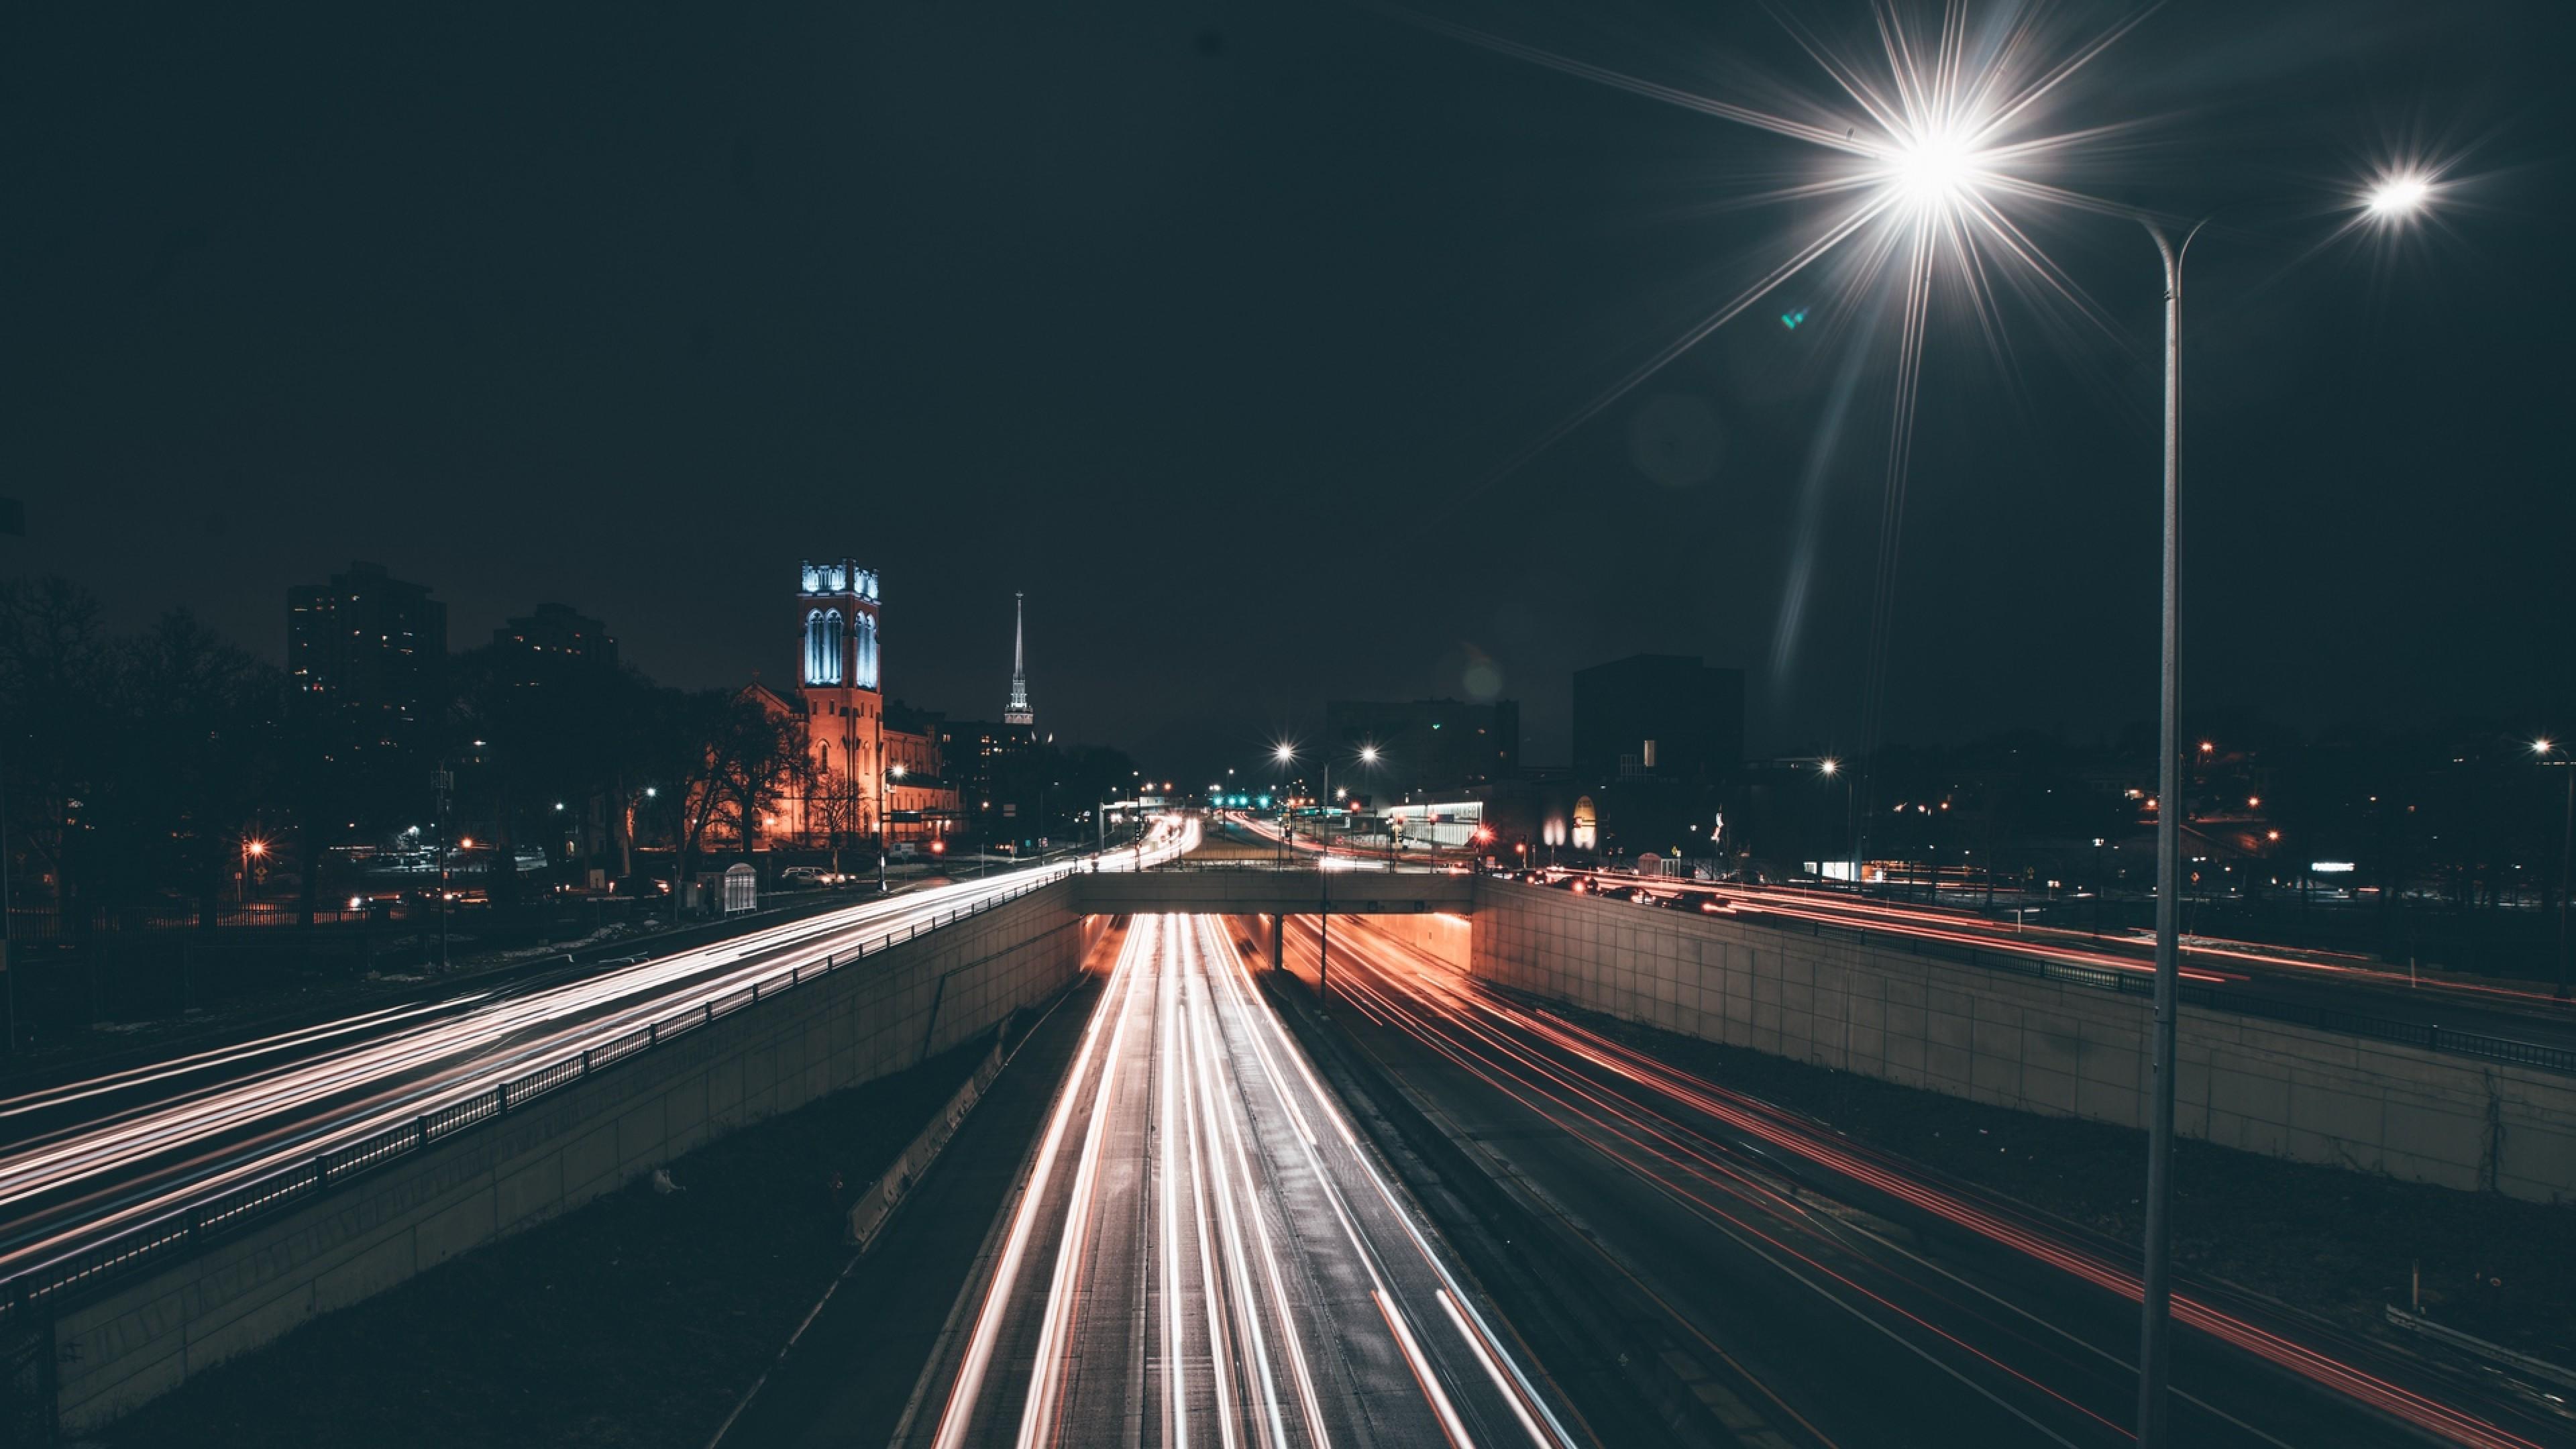 Minneapolis Night Lights Hd Wallpaper 4k Ultra Hd Hd